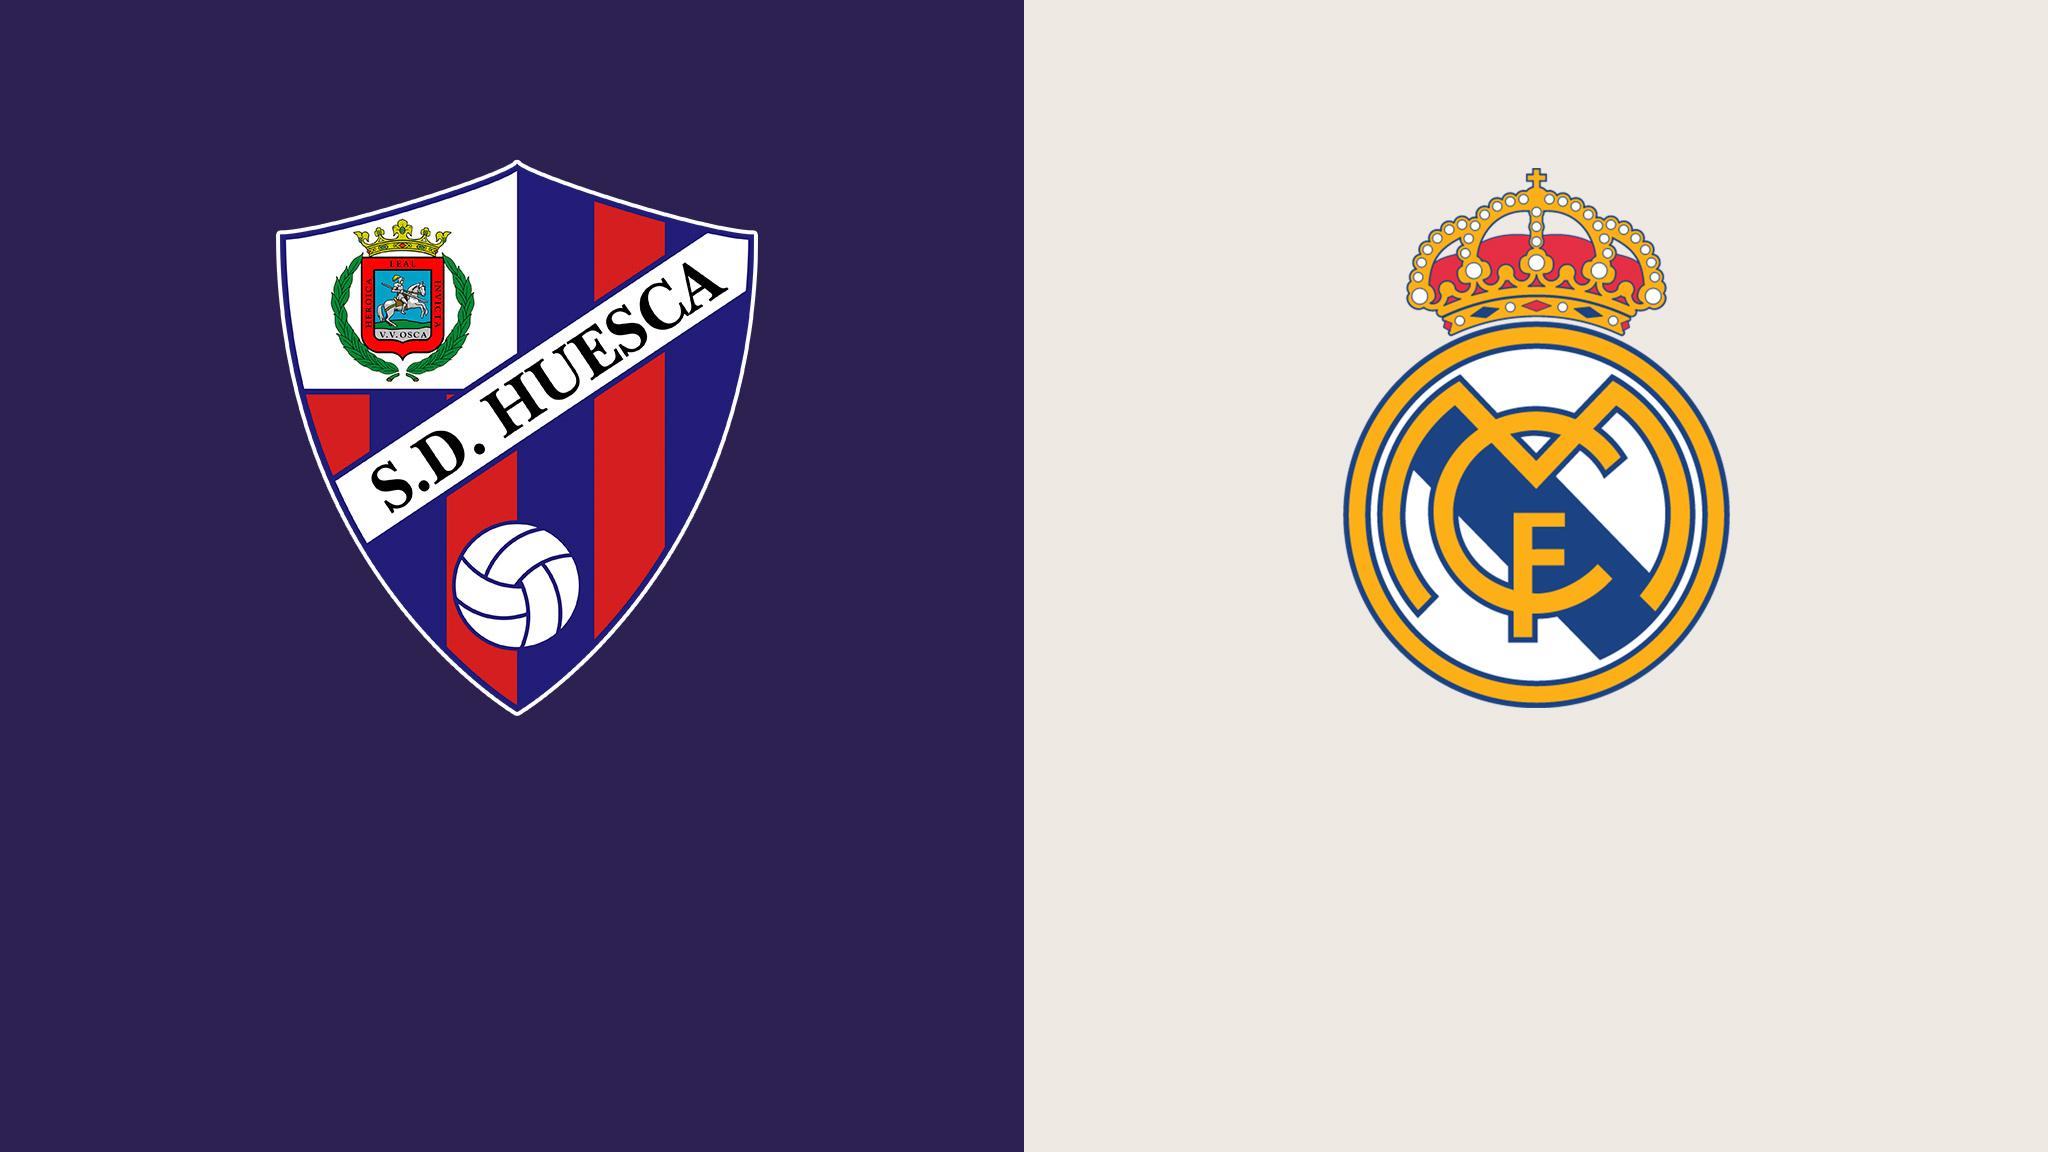 موعد مباراة ريال مدريد القادمة ضد ويسكا والقنوات الناقلة في الجولة 22 من الدوري الاسباني